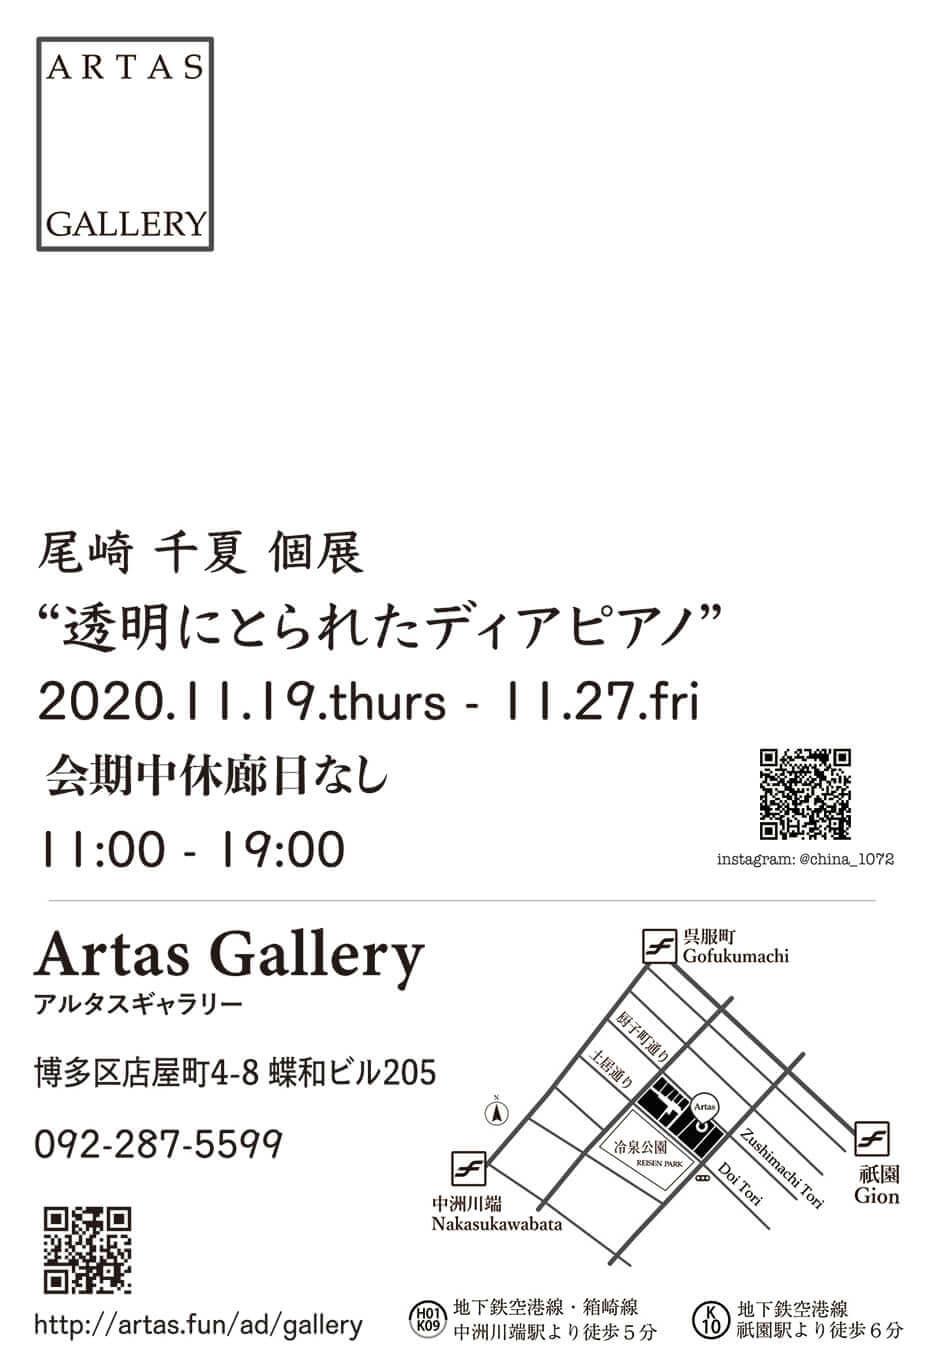 artas-202011-尾崎千夏 個展